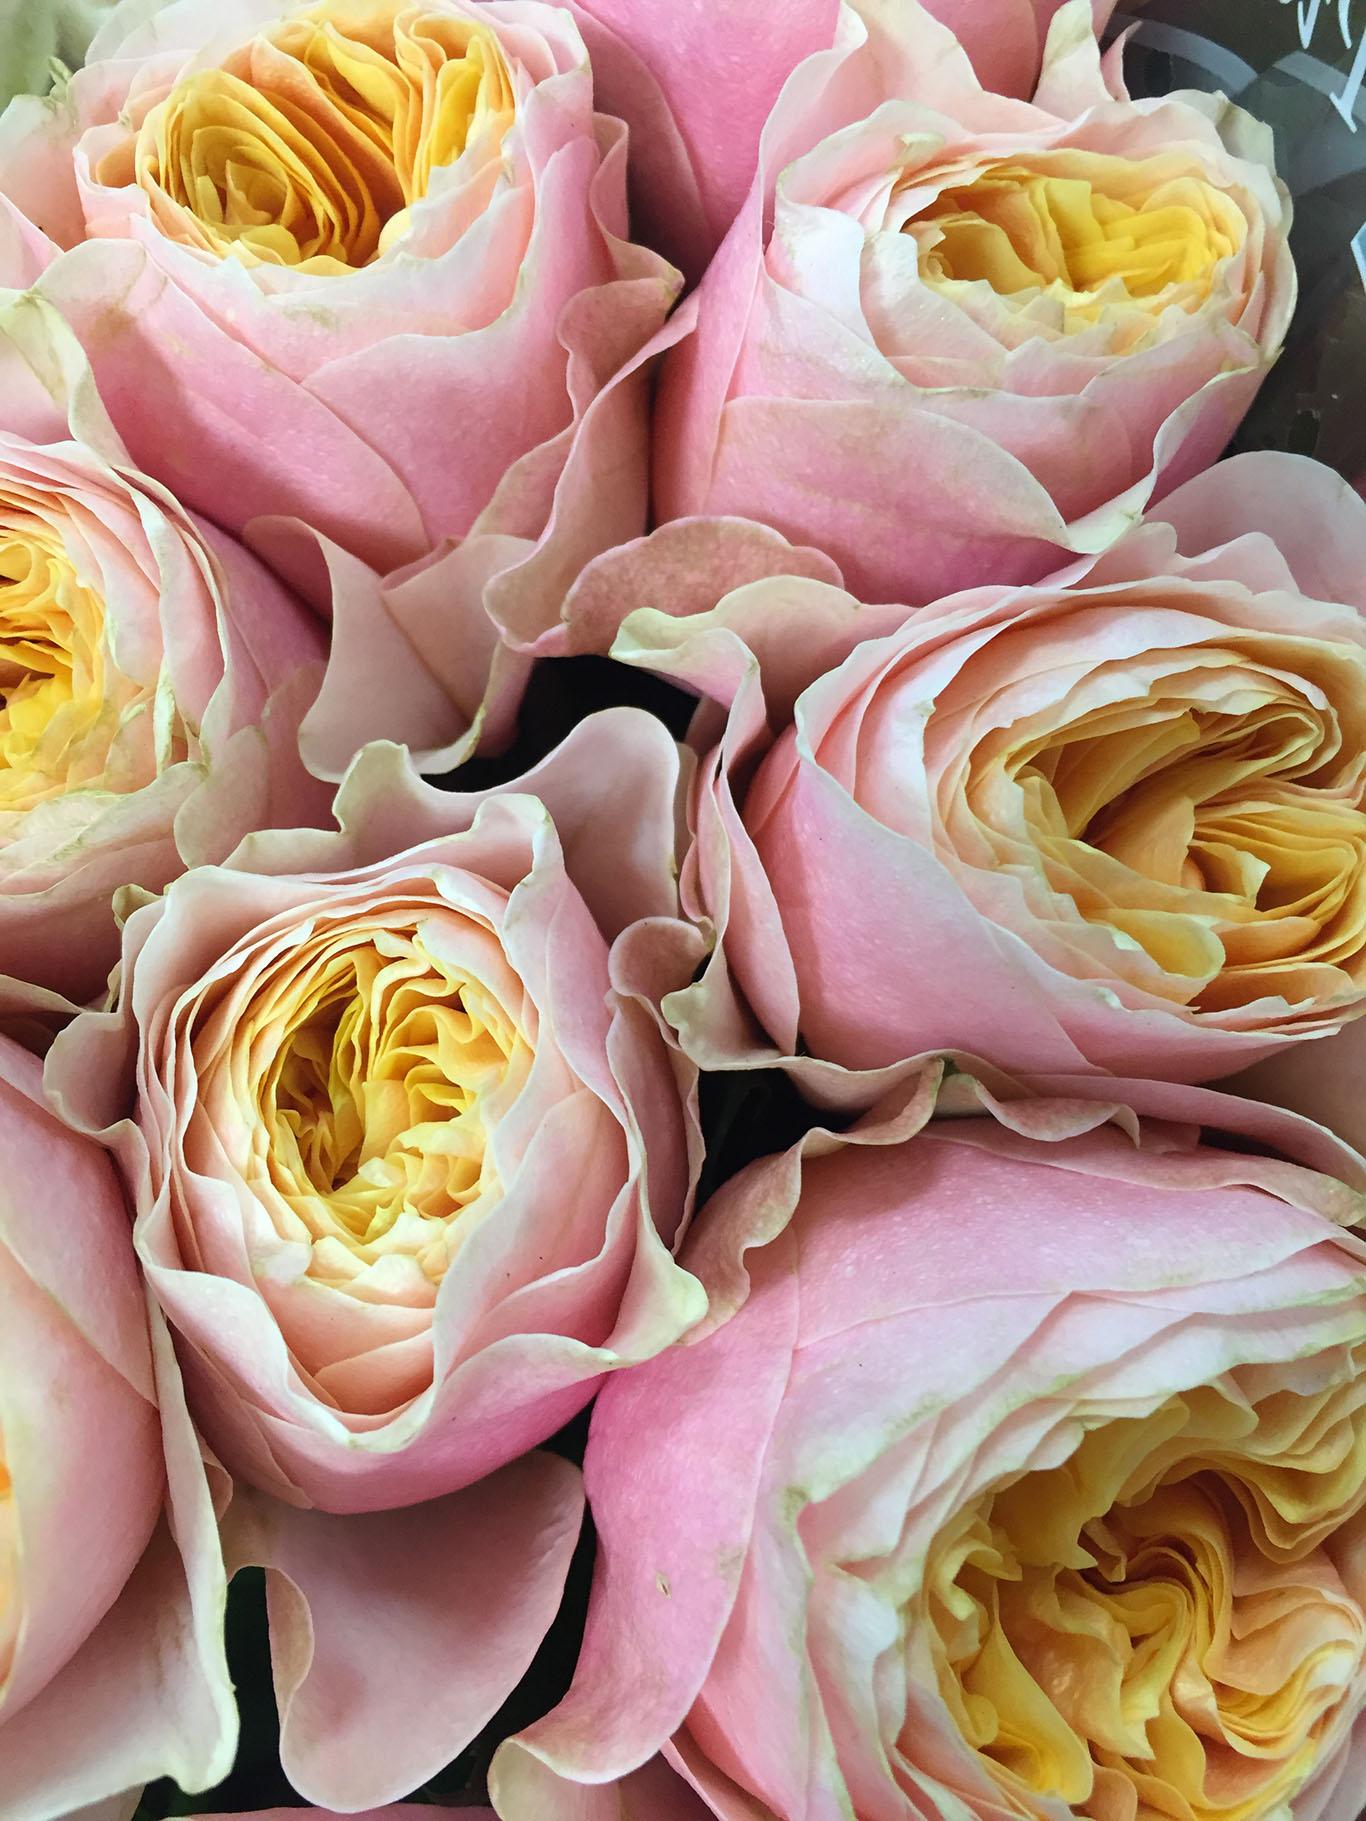 Букетов вызывающих купить синие цветы в москве оптом цветов дом одинцово